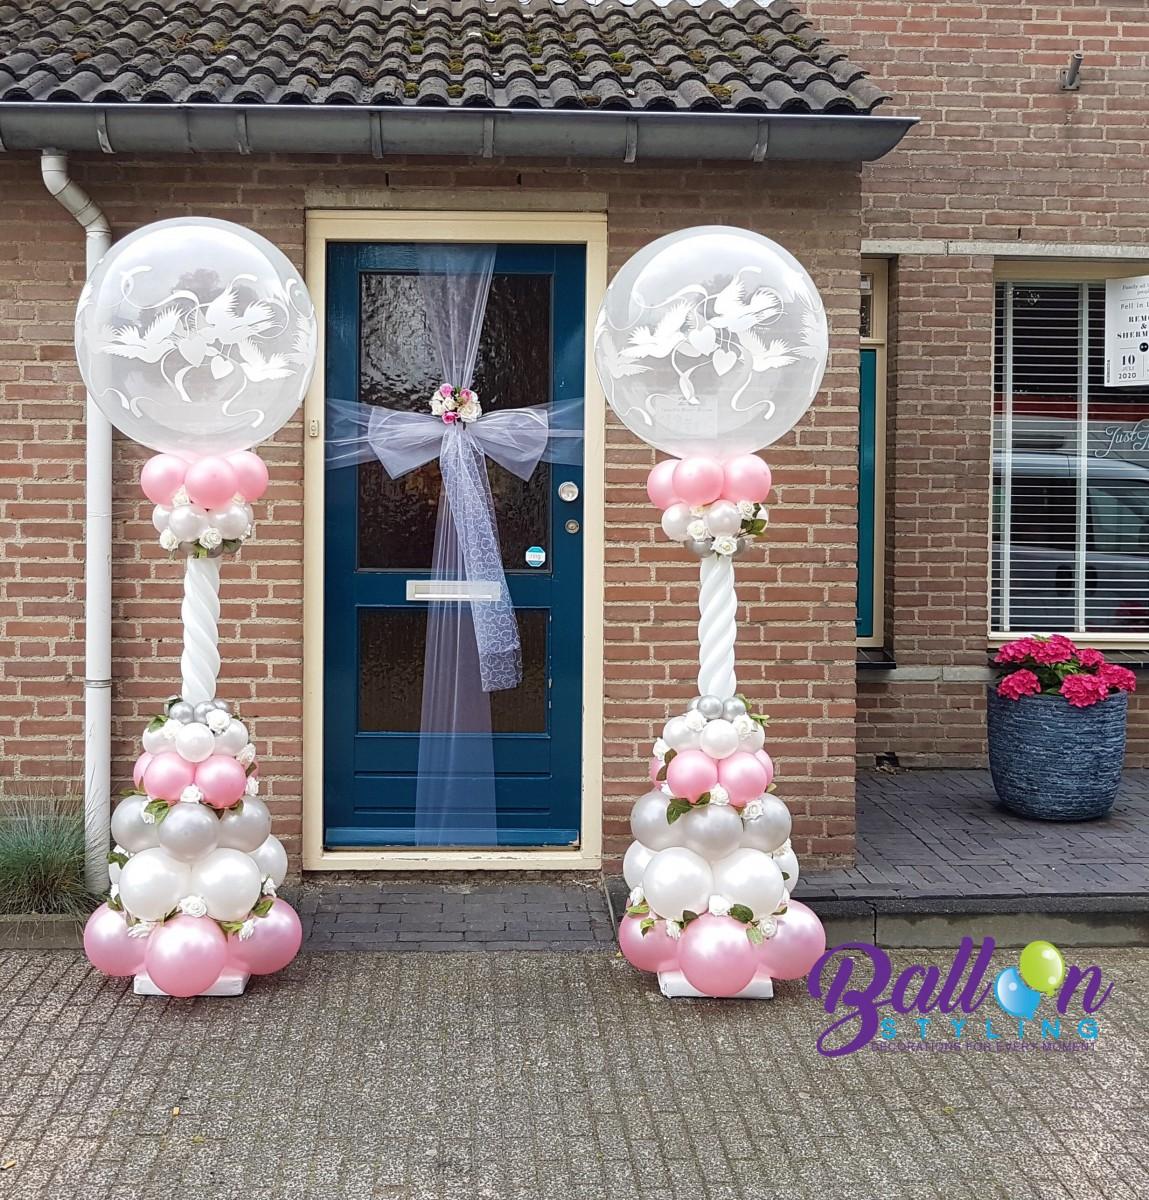 Balloon Styling Tilburg ballonnenpilaar ballonpilaar huwelijk trouwerij love doves zijden rozen deurversiering ballonnen Tilburg (1)